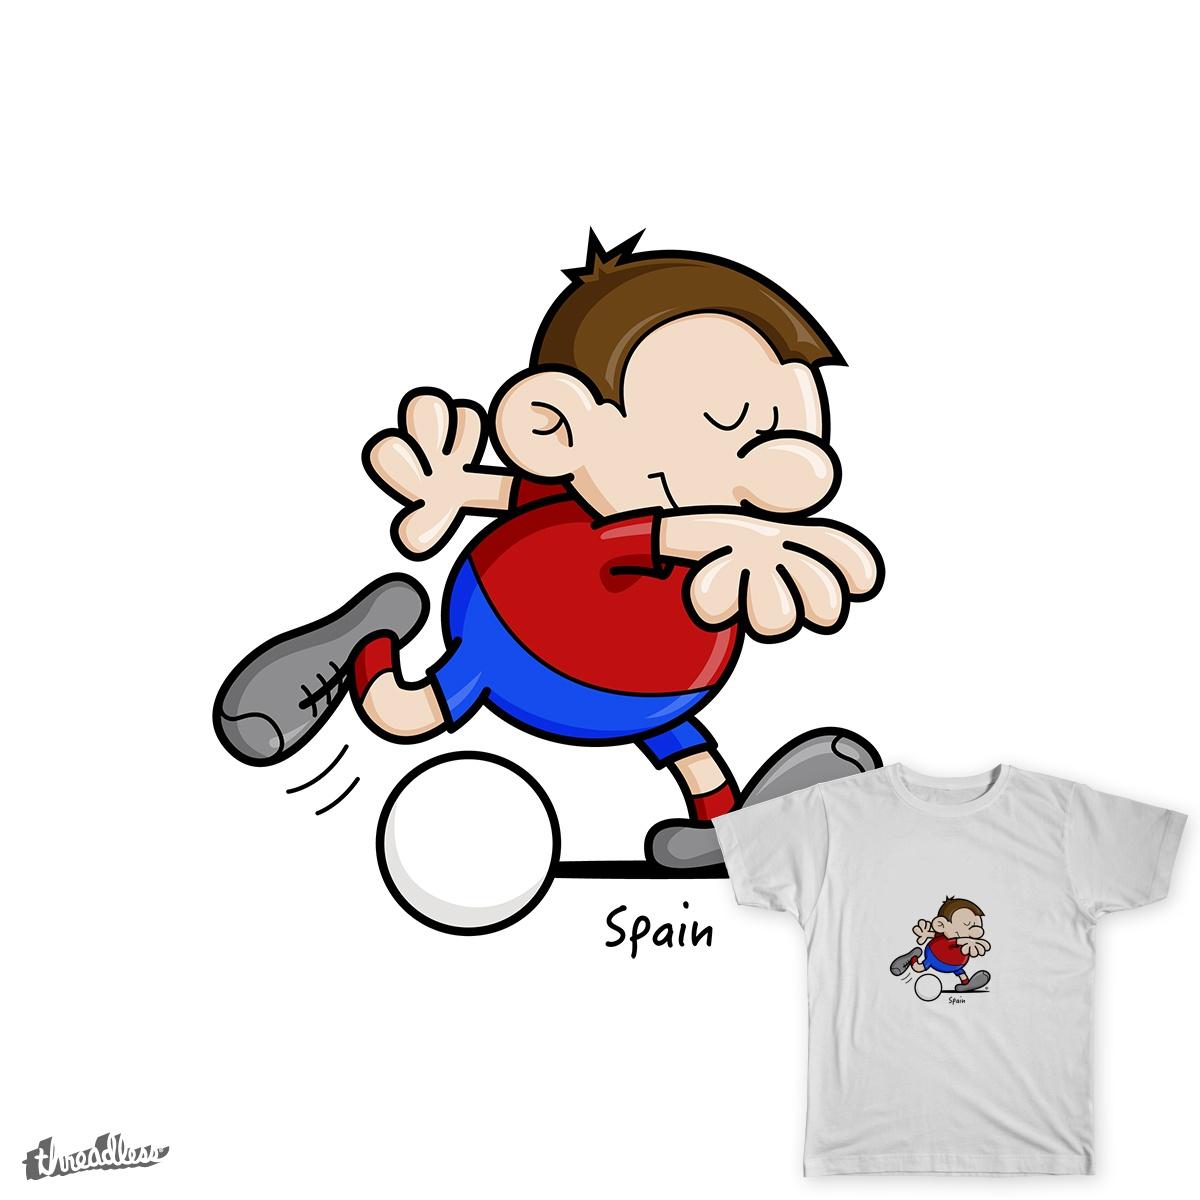 2014 World Cup Cartoons - Spain by spaghettiarts on Threadless